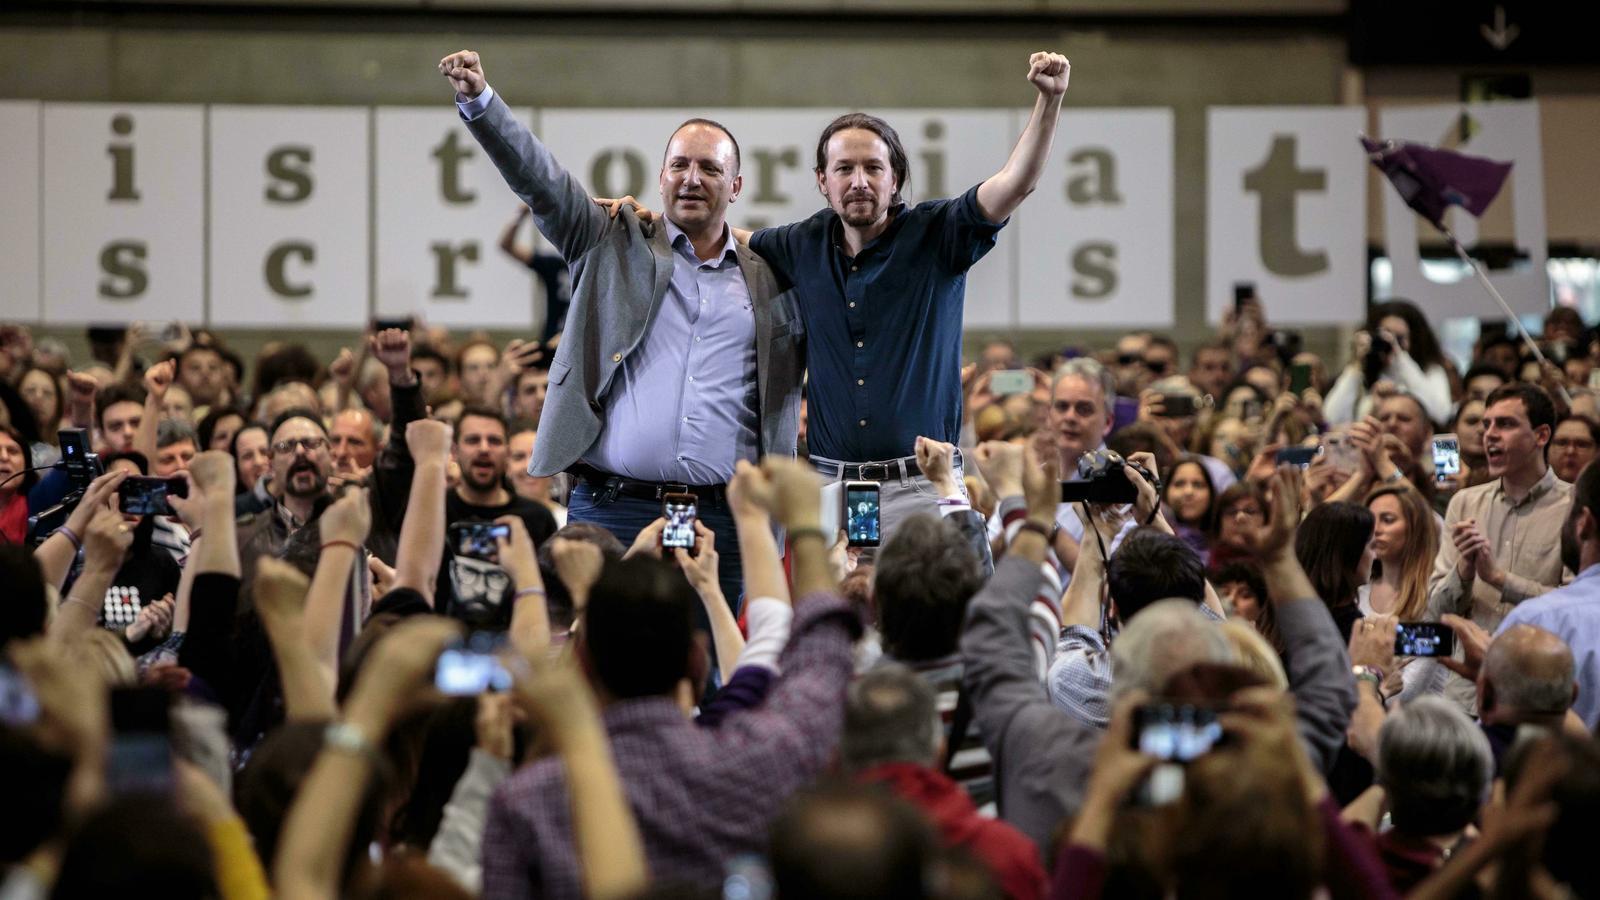 Pablo Iglesias i el candidat de Podem a la presidència de la Generalitat Valenciana, Rubén Martínez Dalmau, durant el míting valencià